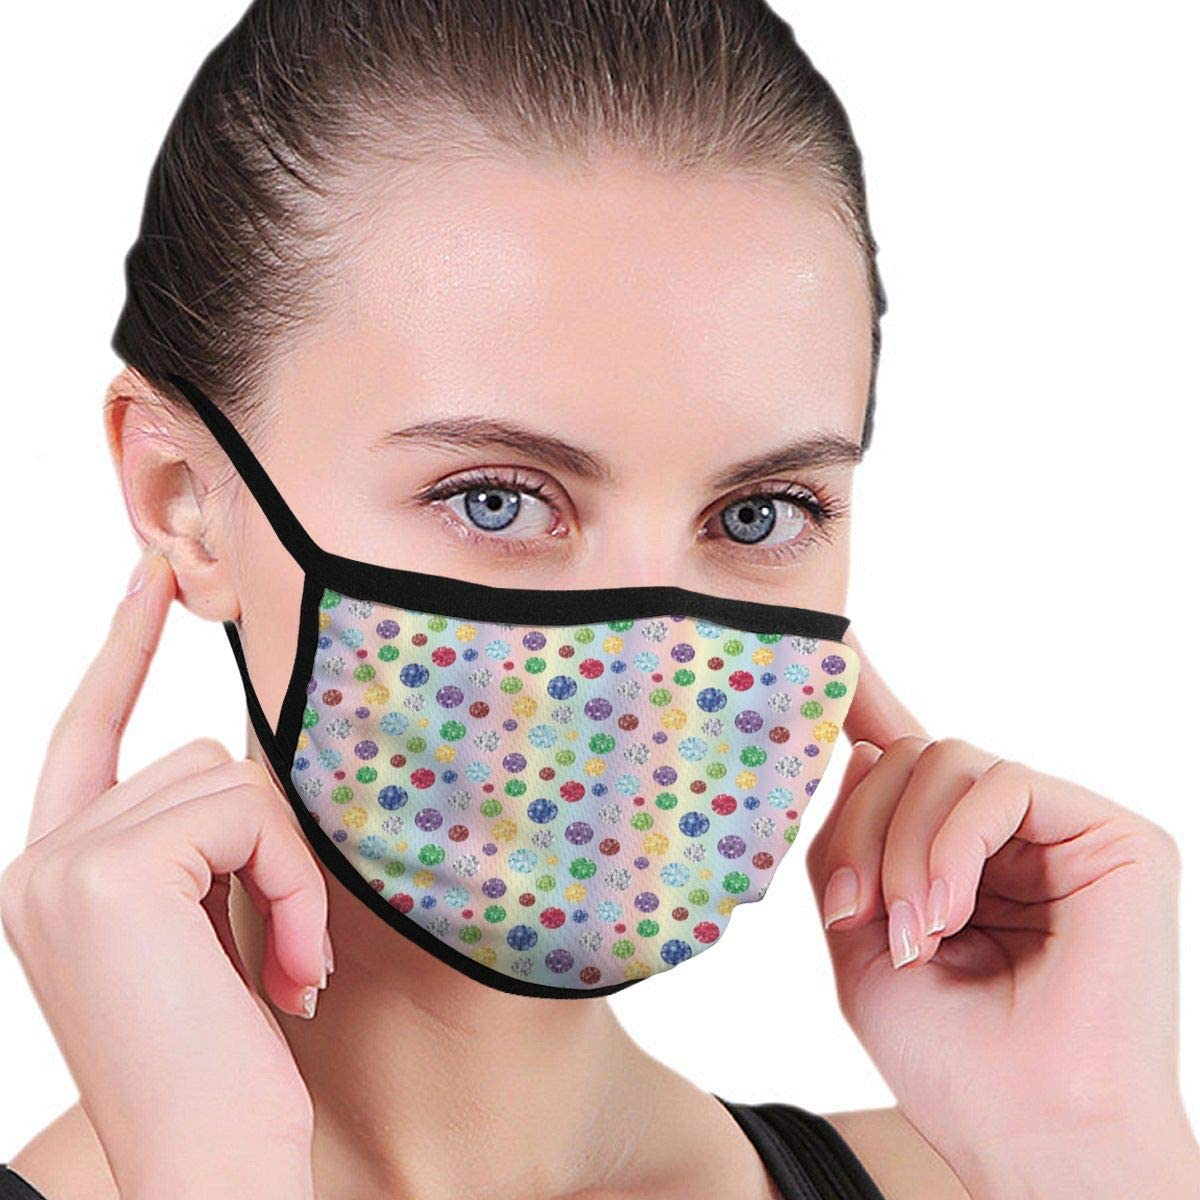 Cómoda máscara a prueba de viento, fondo colorido abstracto con piedras ovaladas, aspecto clásico, decoraciones faciales impresas para mujeres y hombres